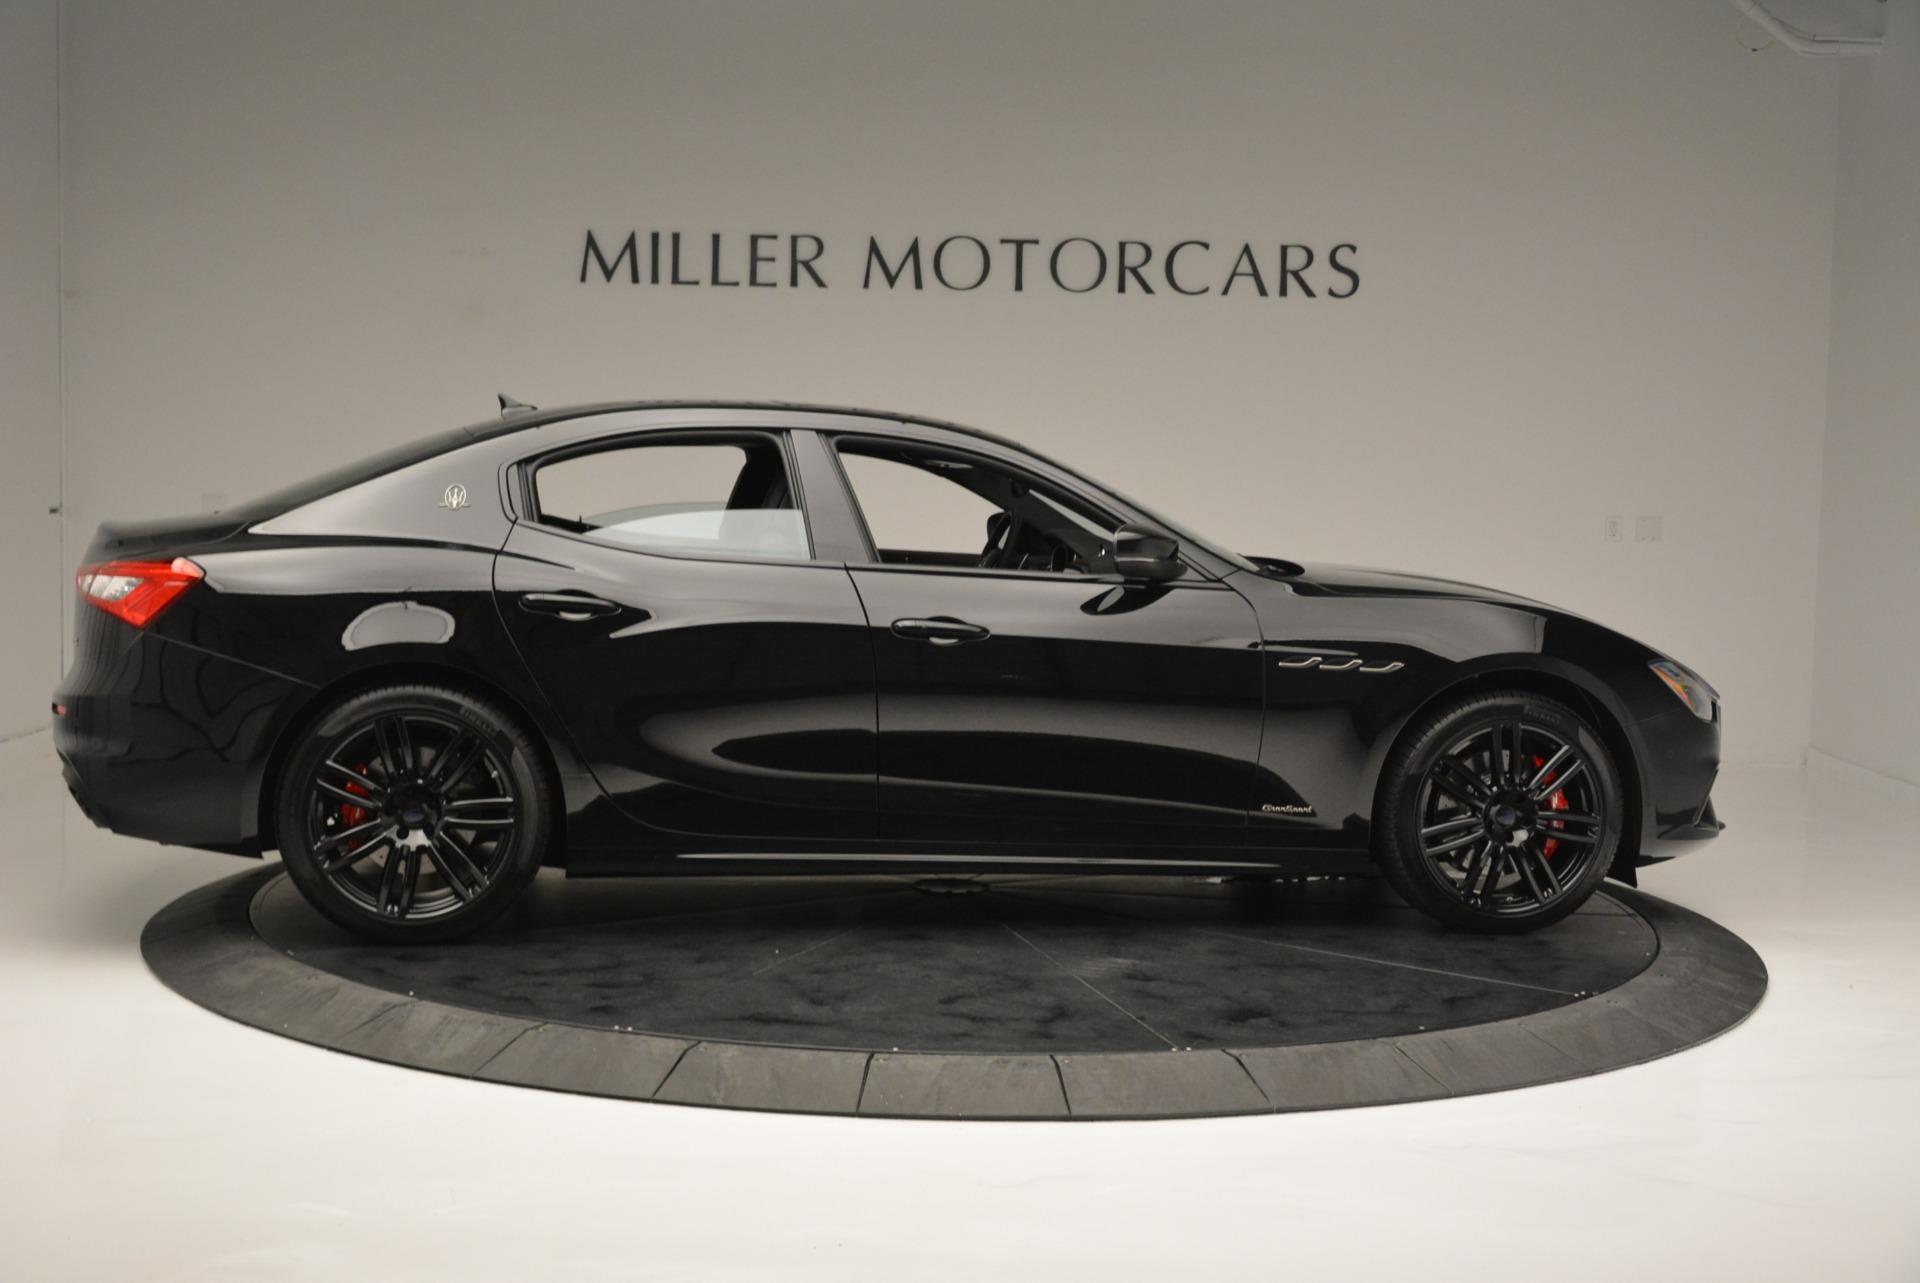 New 2018 Maserati Ghibli SQ4 GranSport Nerissimo For Sale In Greenwich, CT. Alfa Romeo of Greenwich, M2173 2368_p9